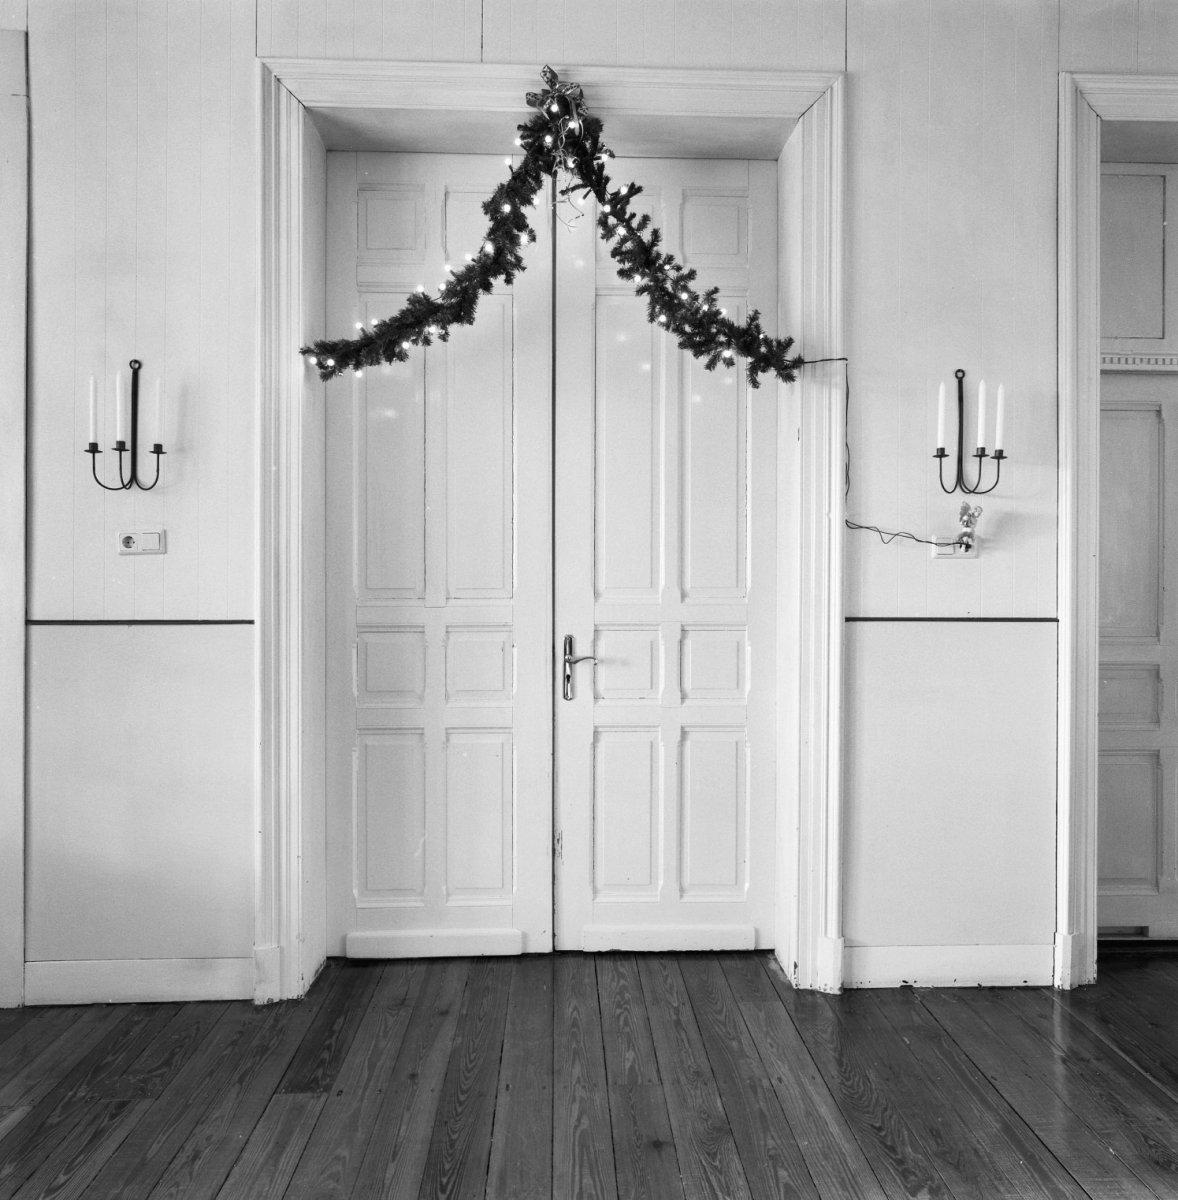 File:Interieur, hoofdgebouw, woonkamer, deur met omlijsting ...